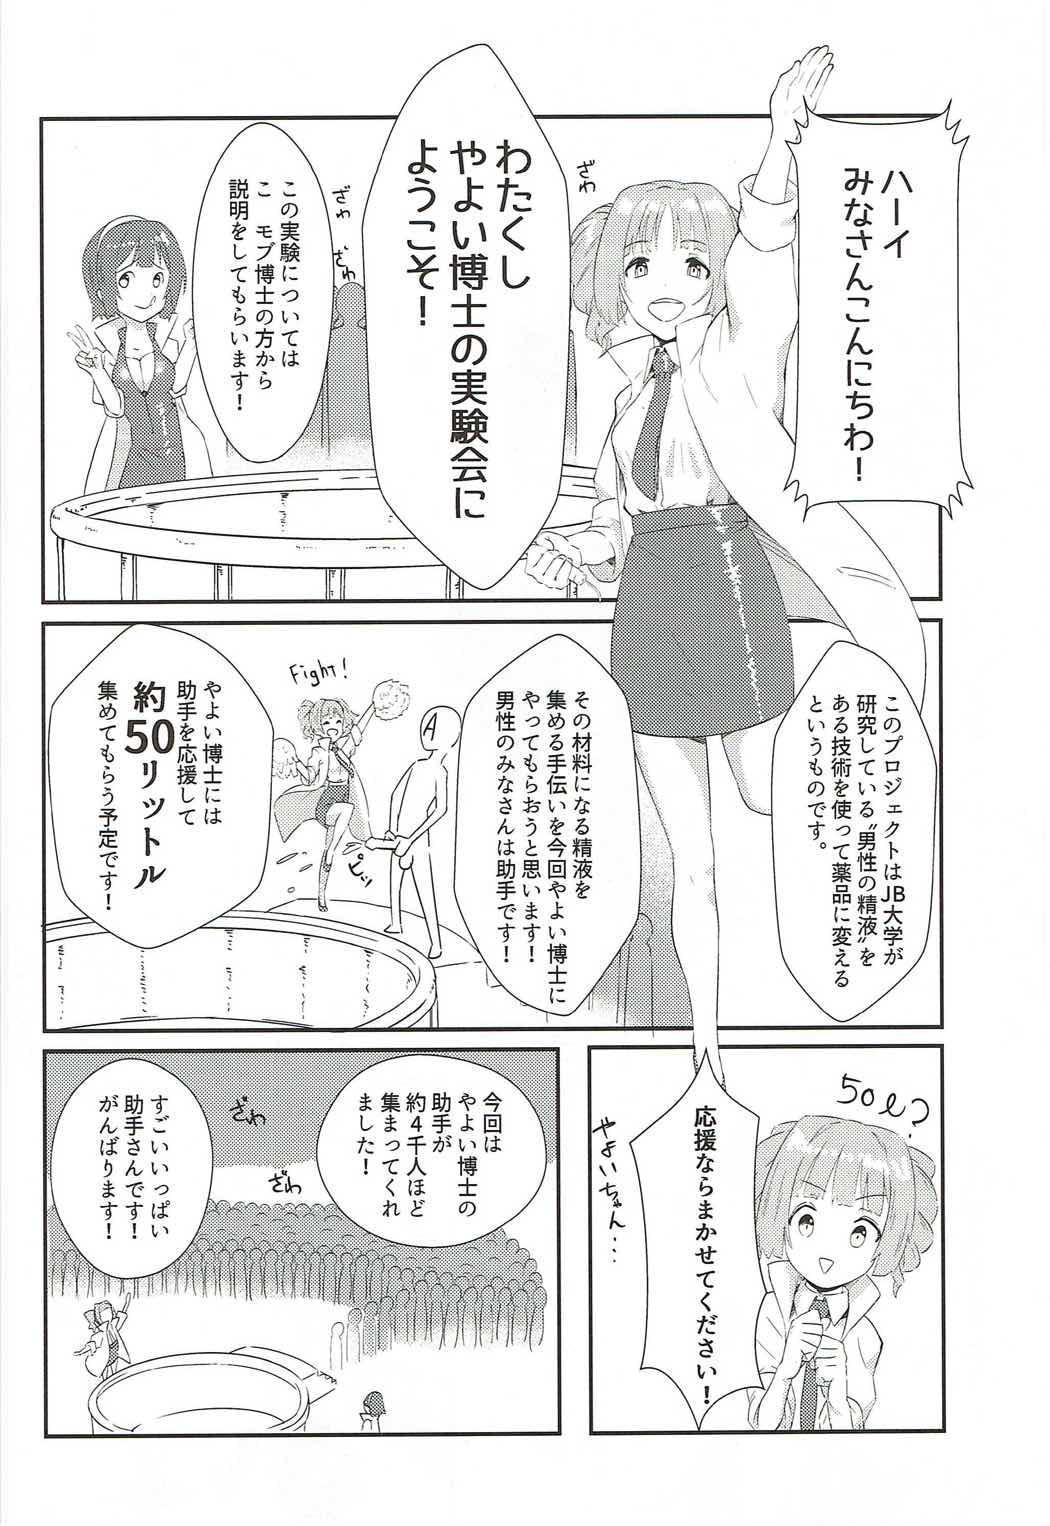 765 Pro Dosukebe Namahousou 24-jikan Televi Goudou 24